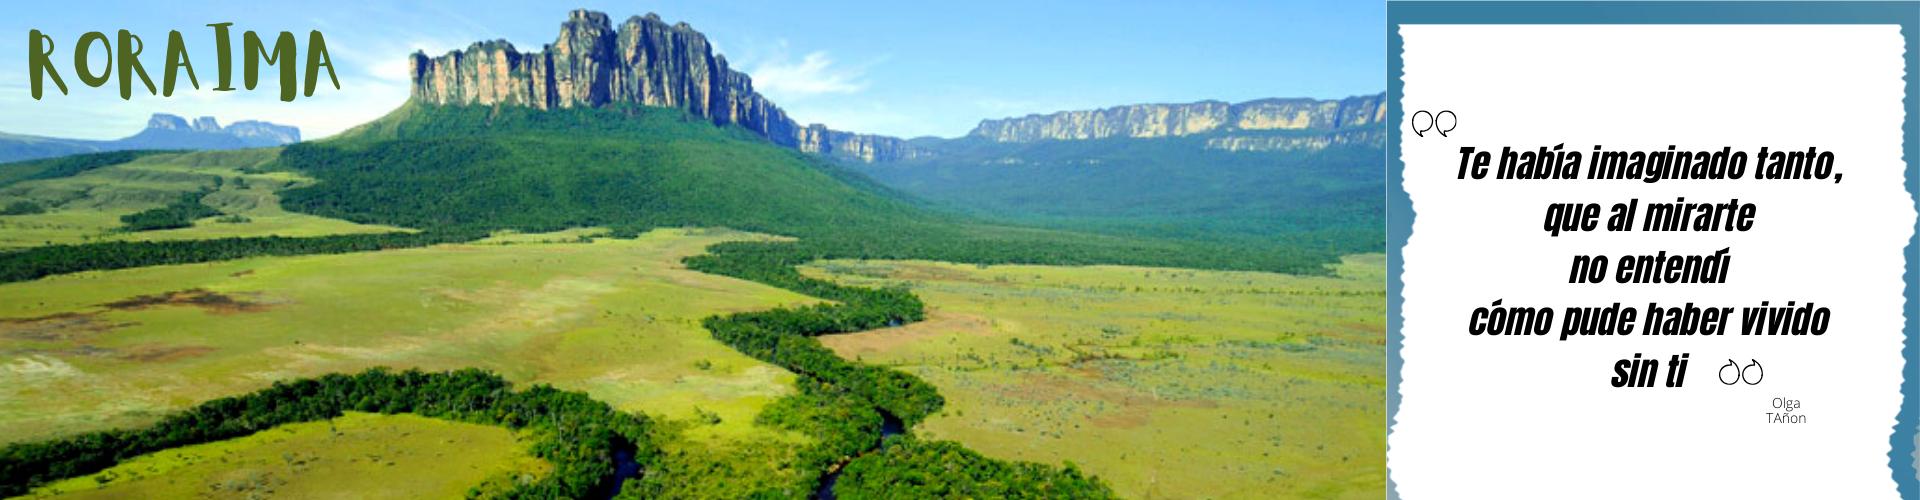 turismo verde Roraima